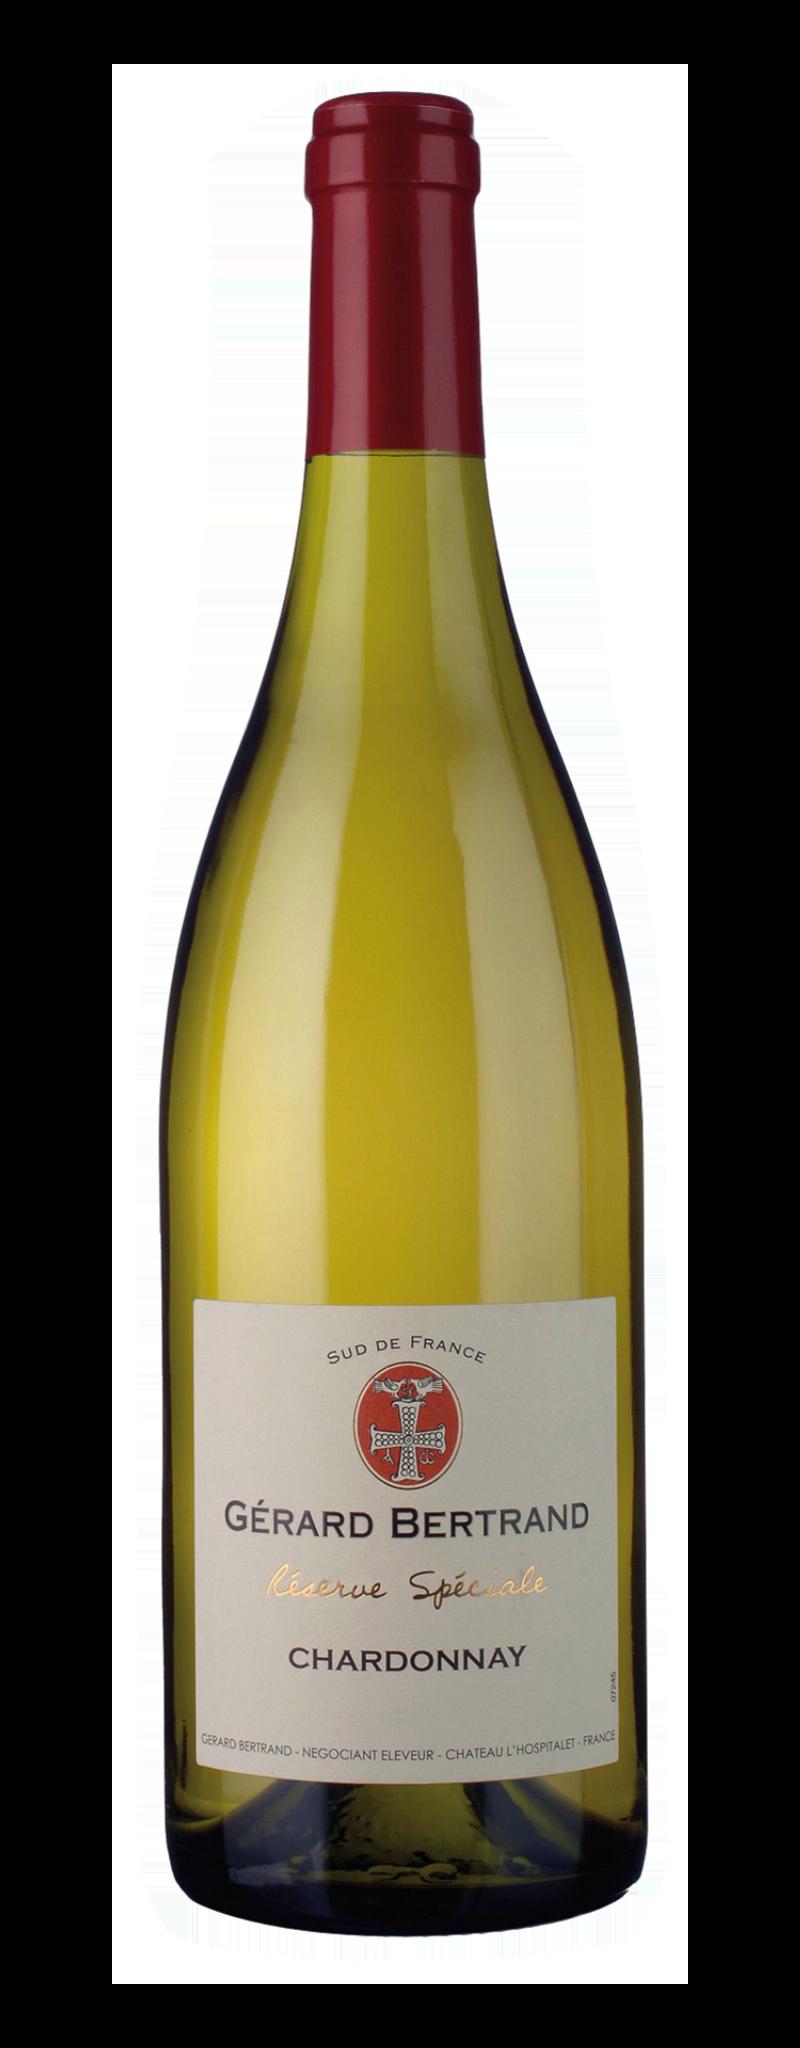 Gérard Bertrand - Réserve Spéciale Chardonnay  - 750ml